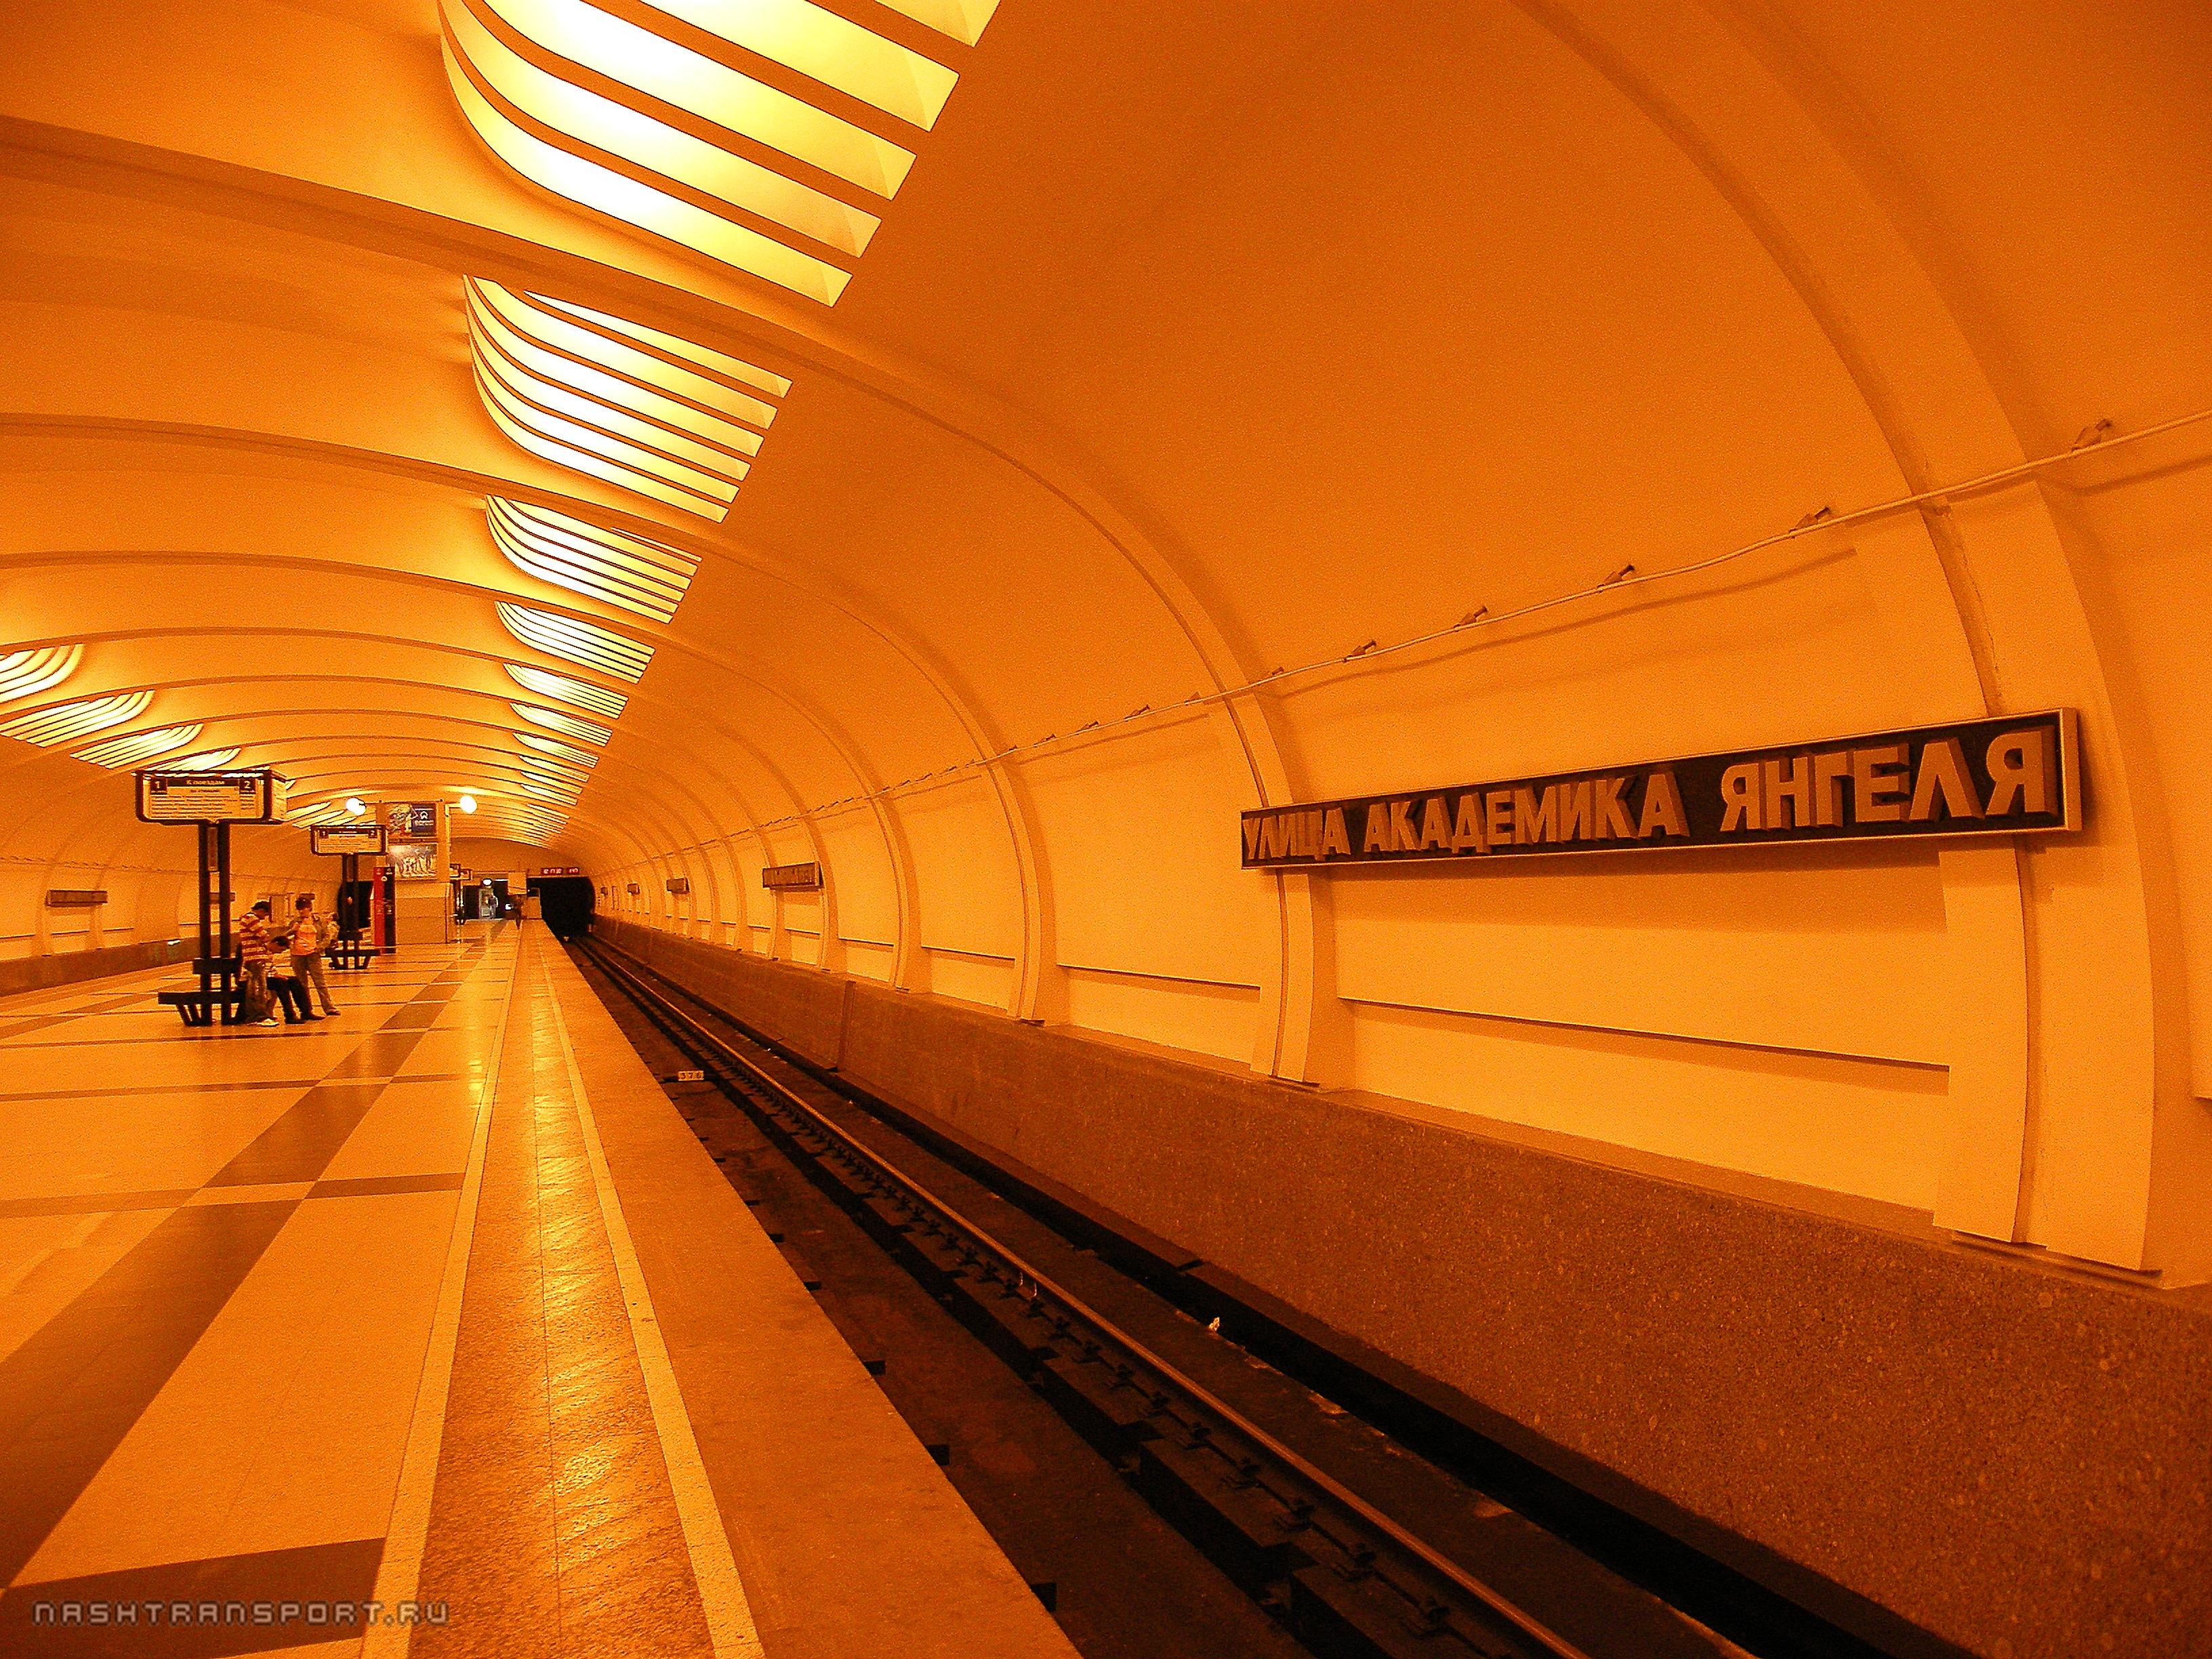 Проституток у метро улица академика янгеля 6 фотография